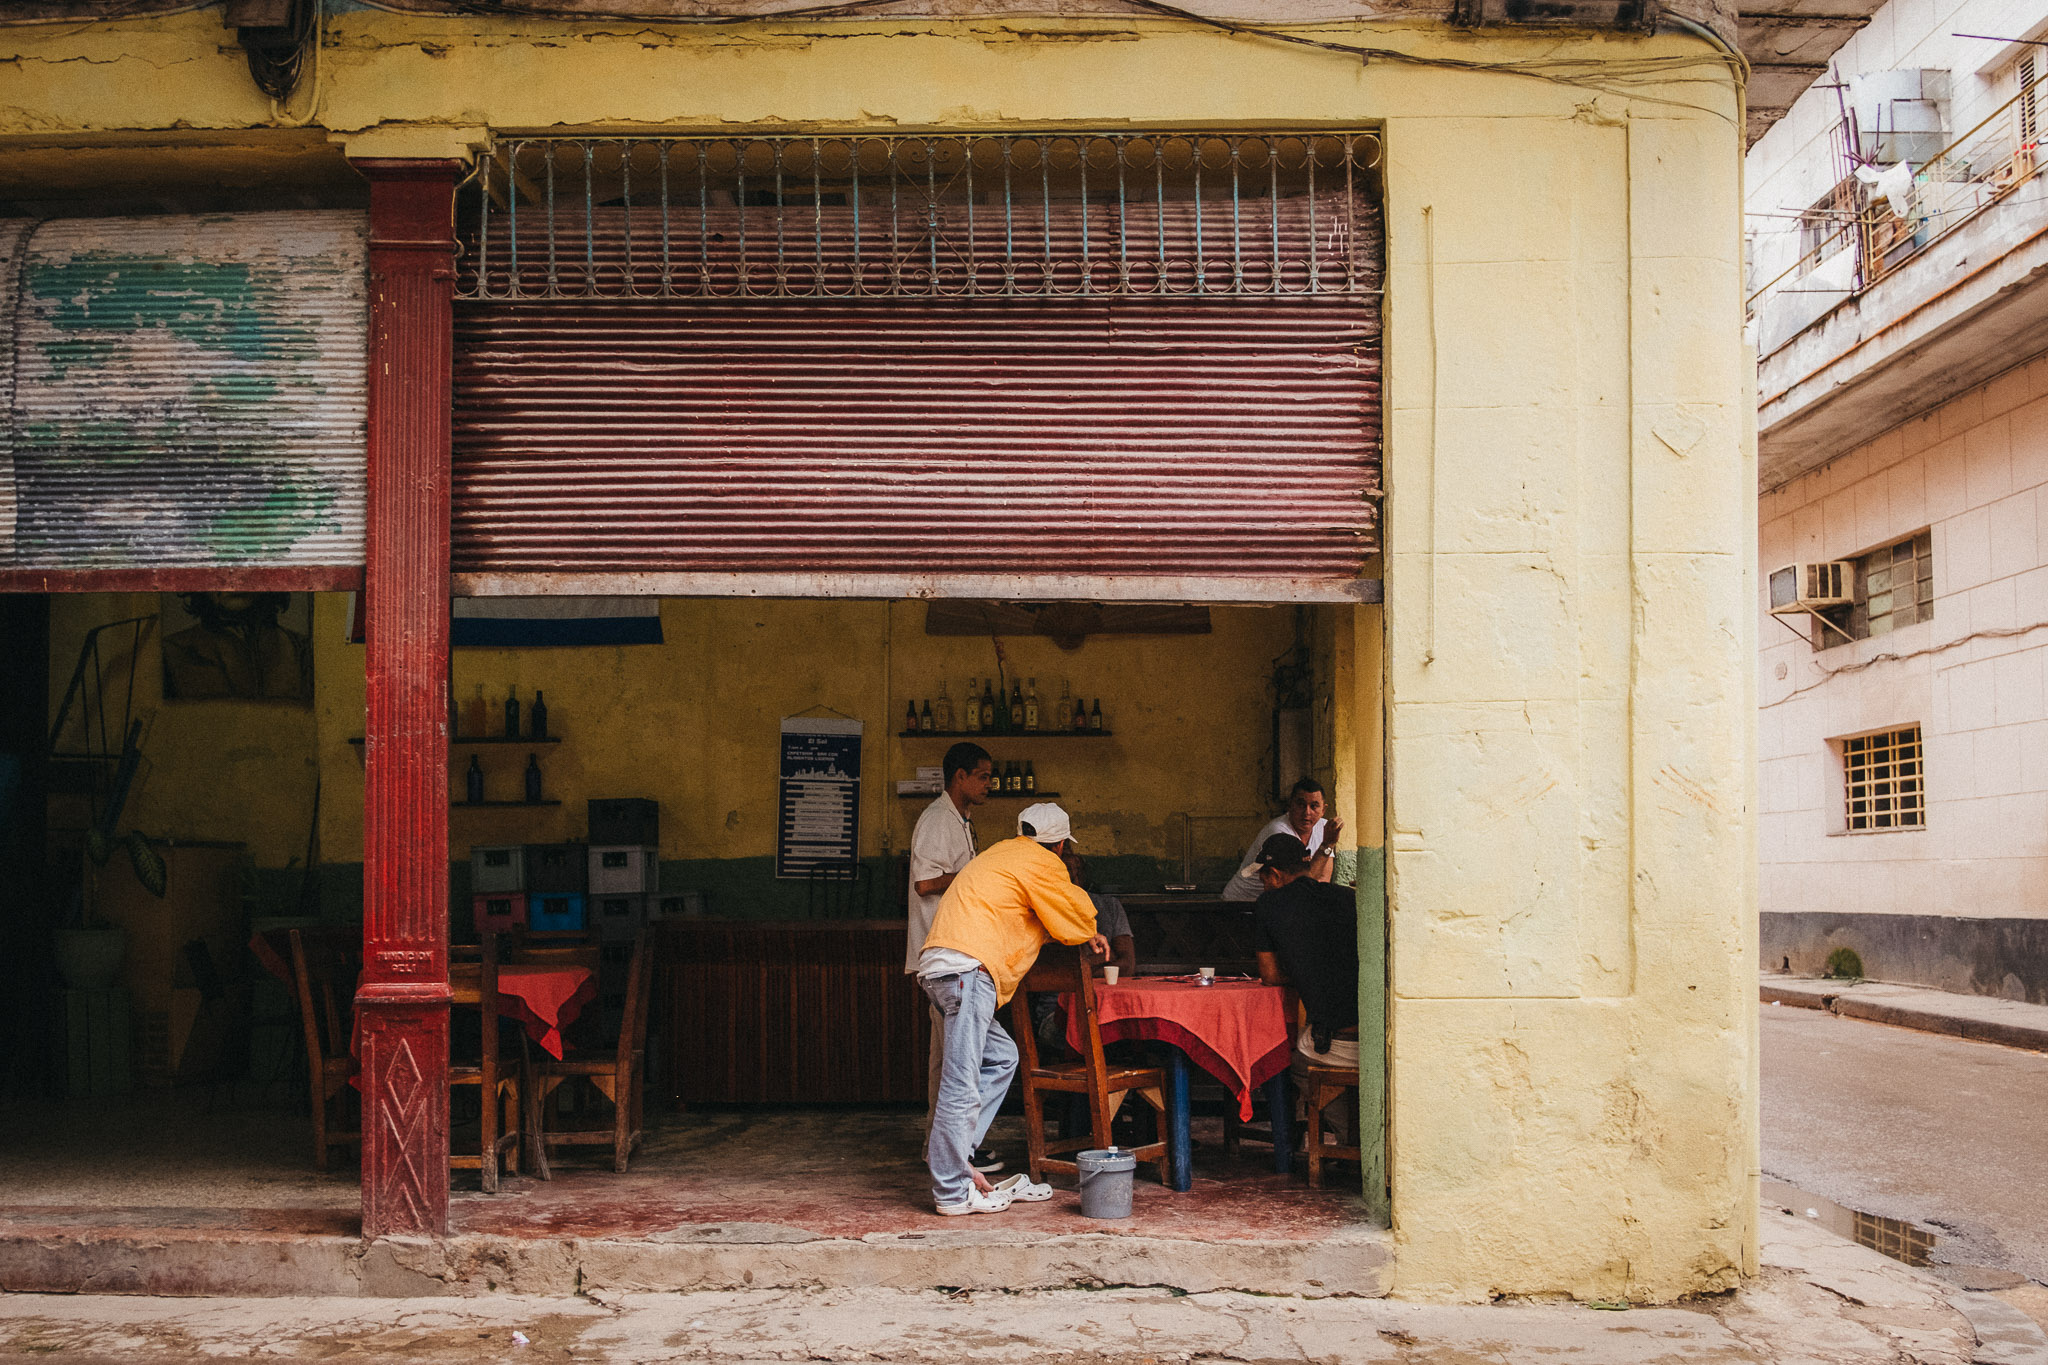 Cuba-2017-12-Havana-0118.jpg